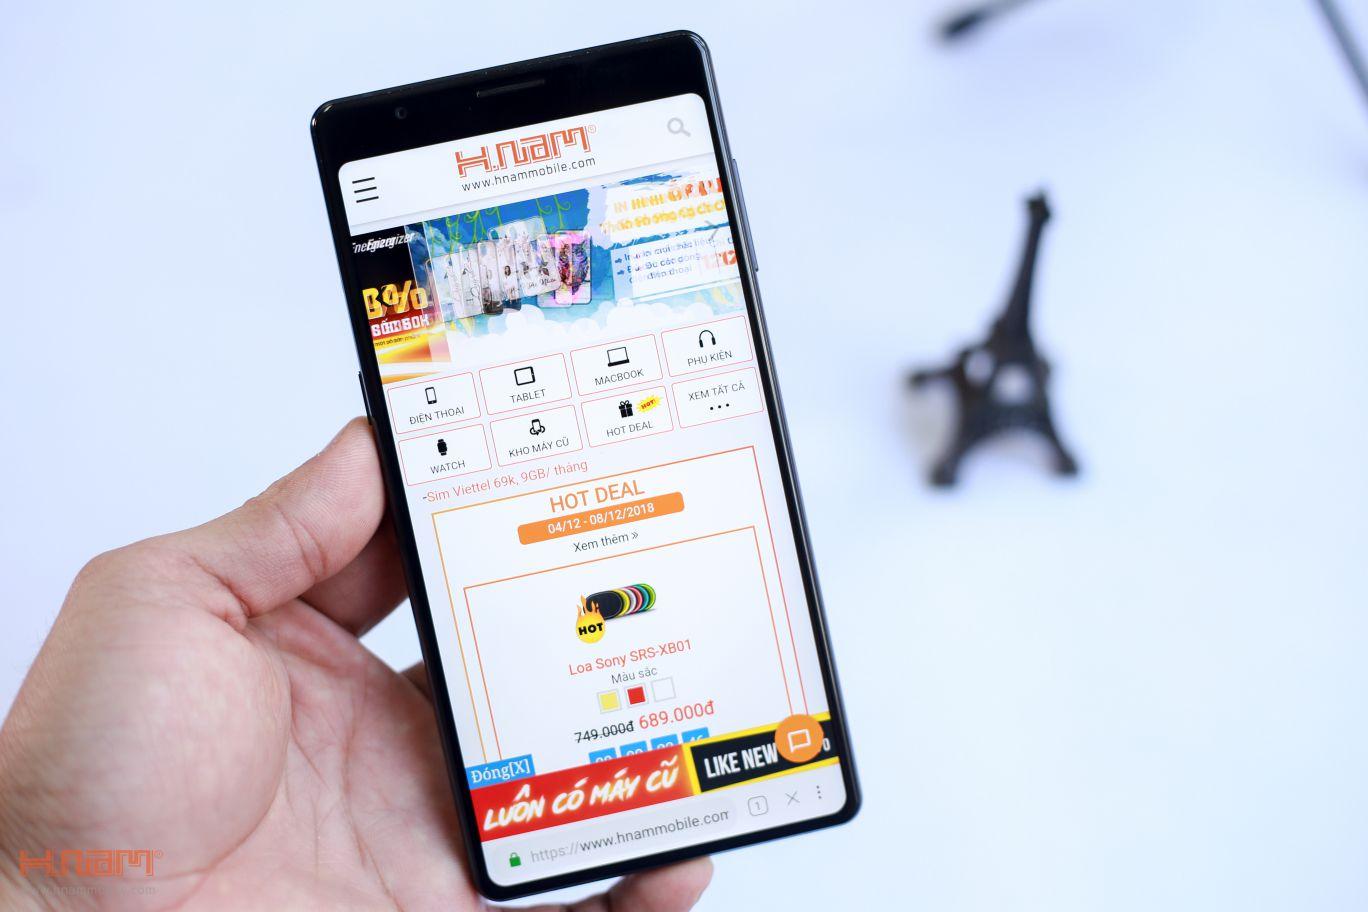 Trên tay Bphone 3: Chiếc smartphone tốt nhất của người Việt??? hình 13